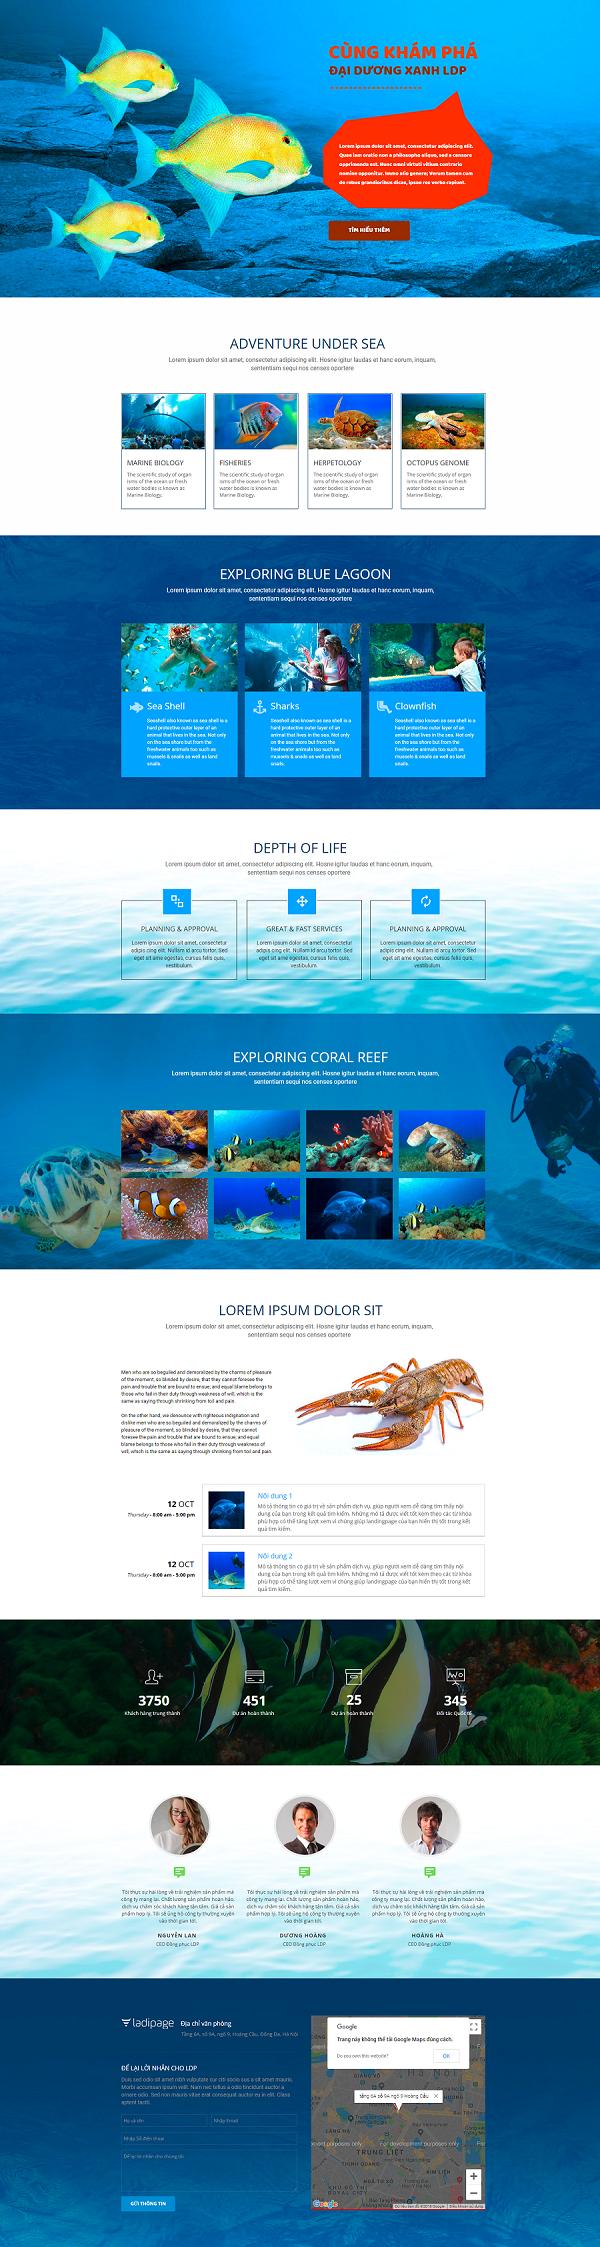 Giao diện website CÙNG KHÁM PHÁ ĐẠI DƯƠNG XANH LDP - Thiết kế website CIP